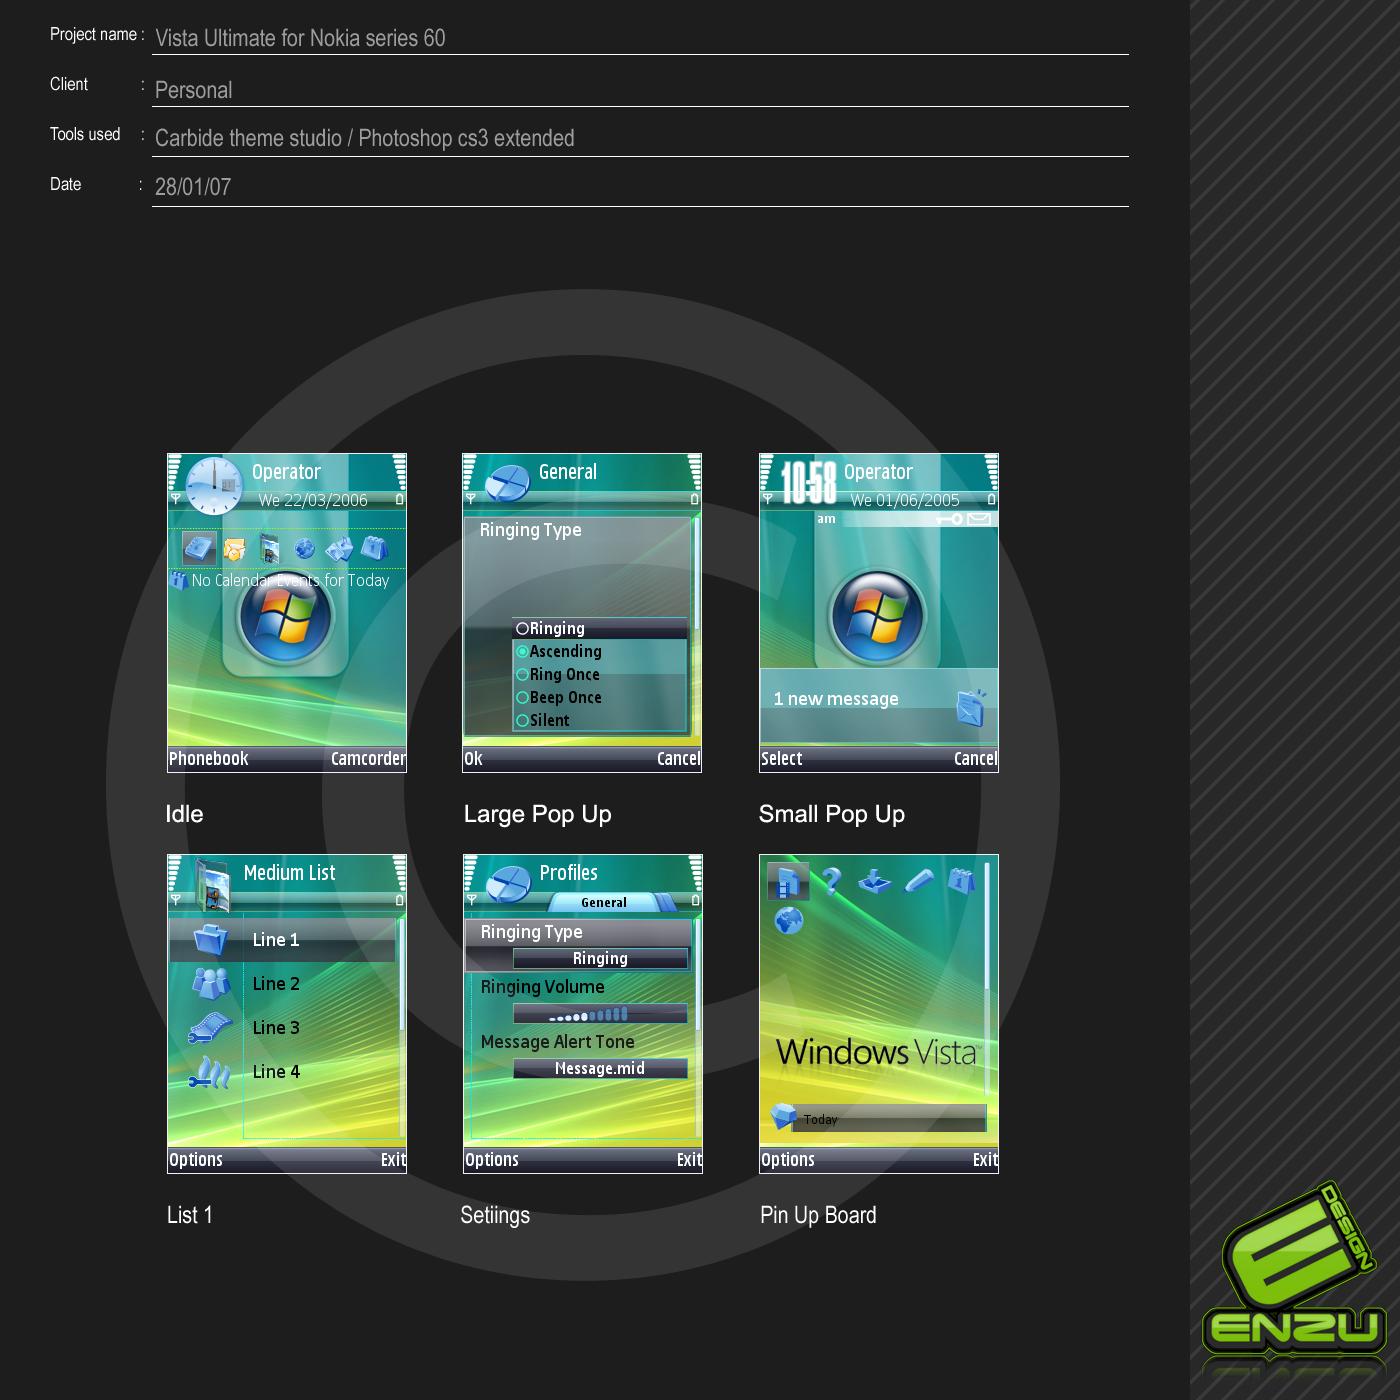 Vista ultimate series60v3 by EnzuDes1gn